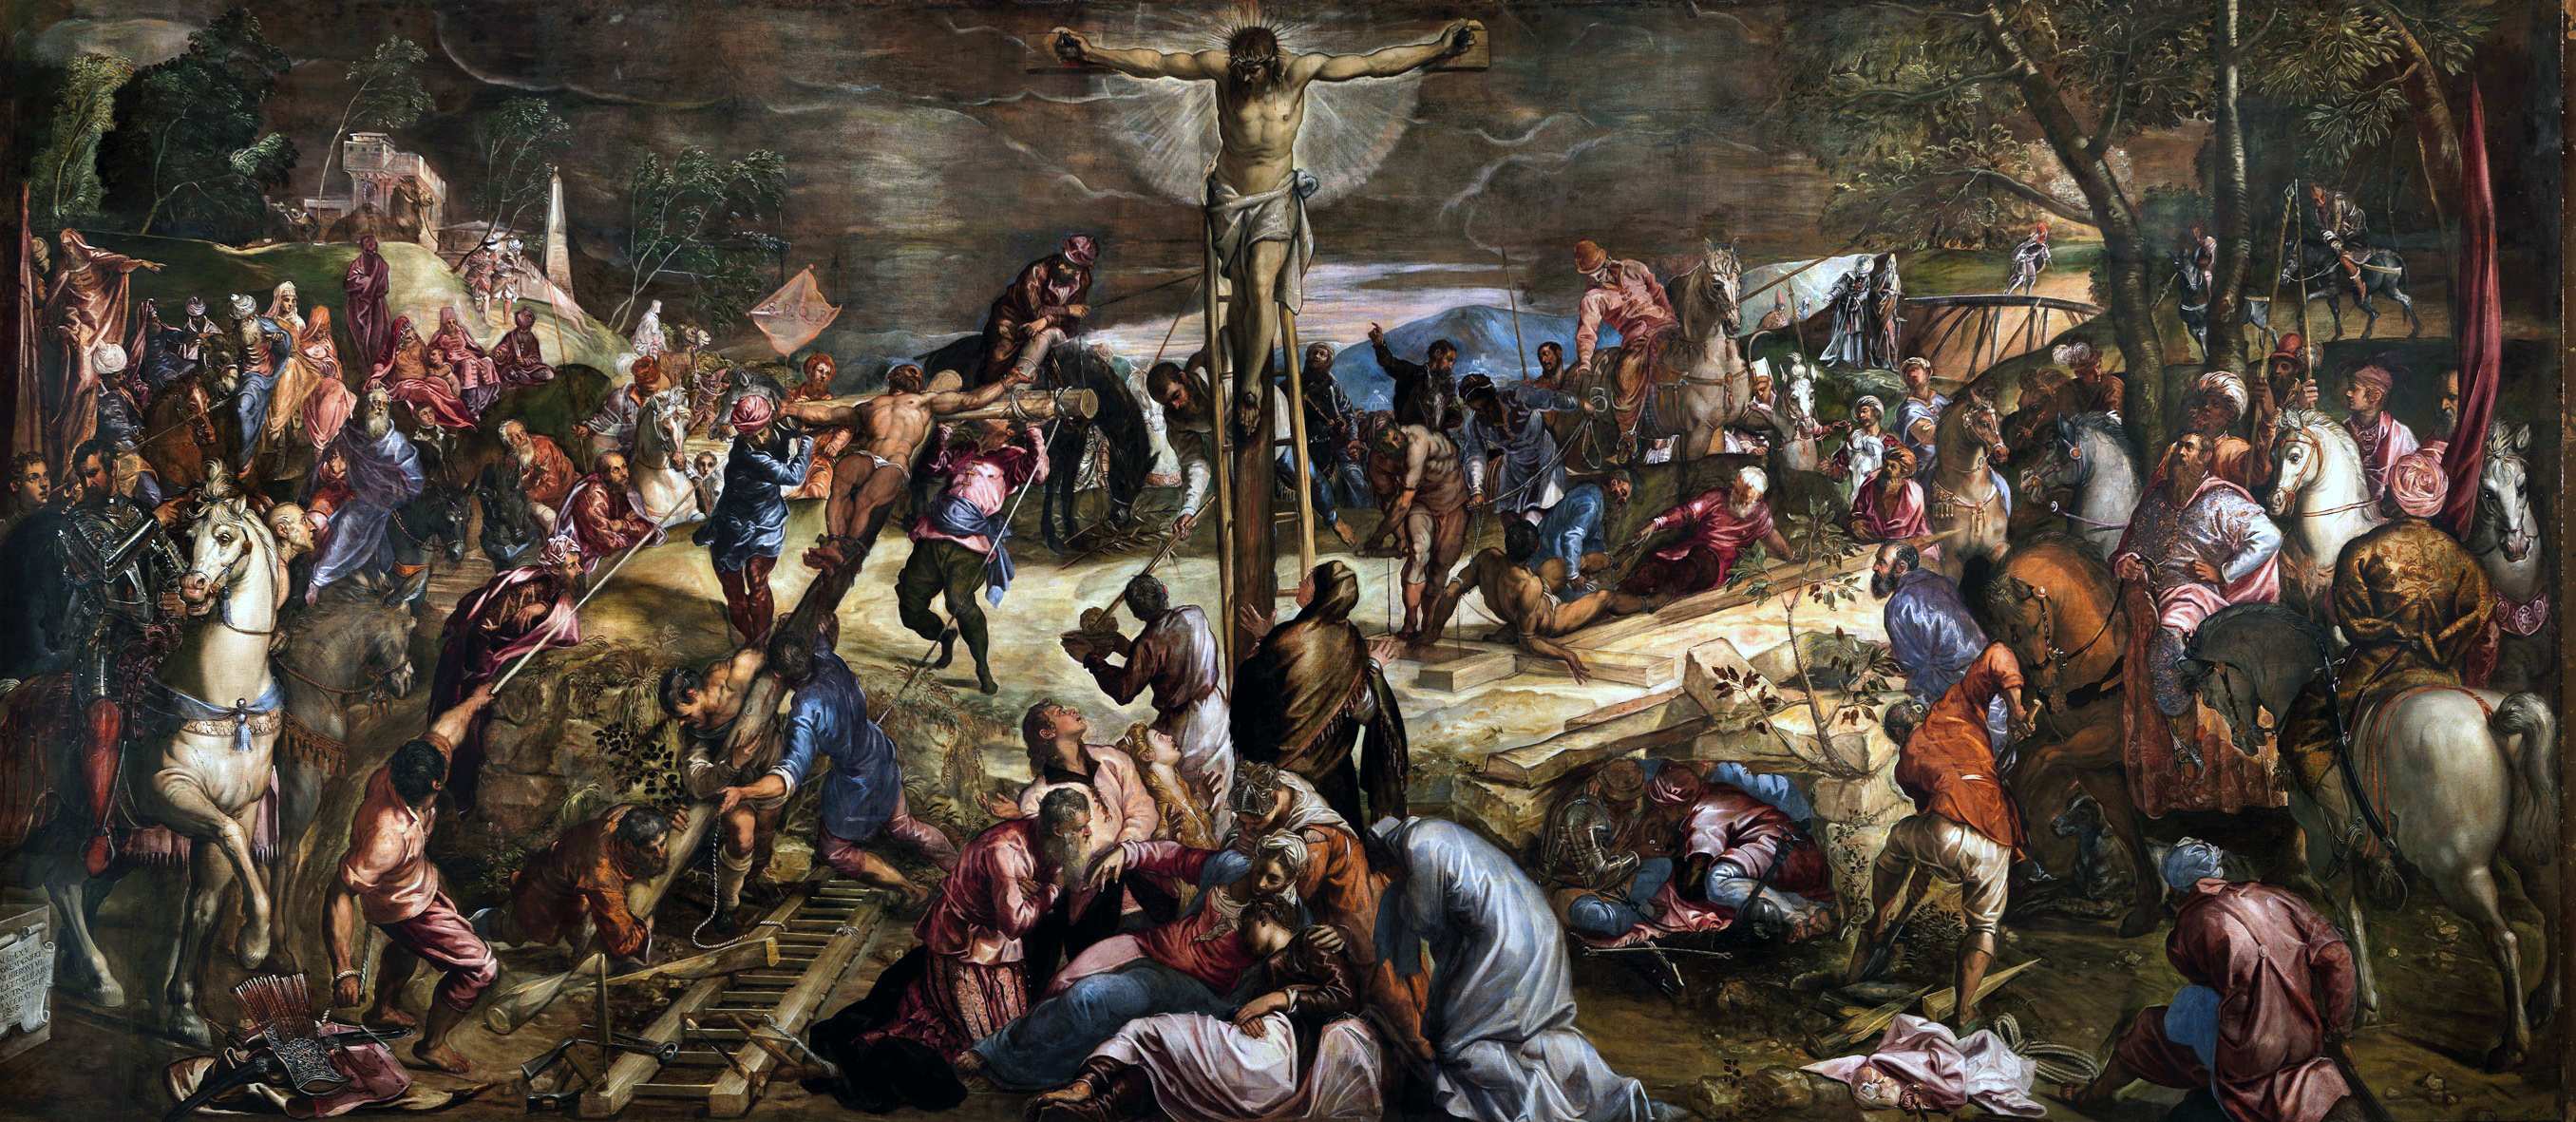 The Good Samaritan, 1563 - Jacopo Bassano - WikiArt org